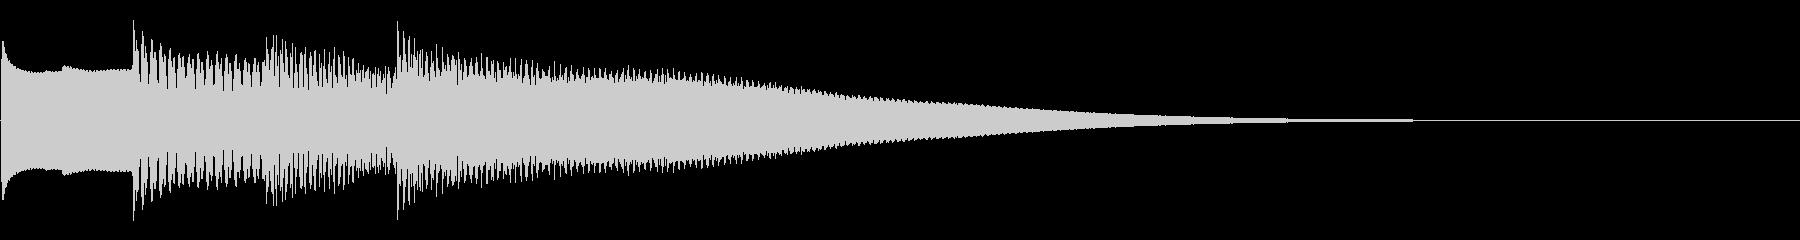 可愛いベルの音。きらららん。下降系。の未再生の波形